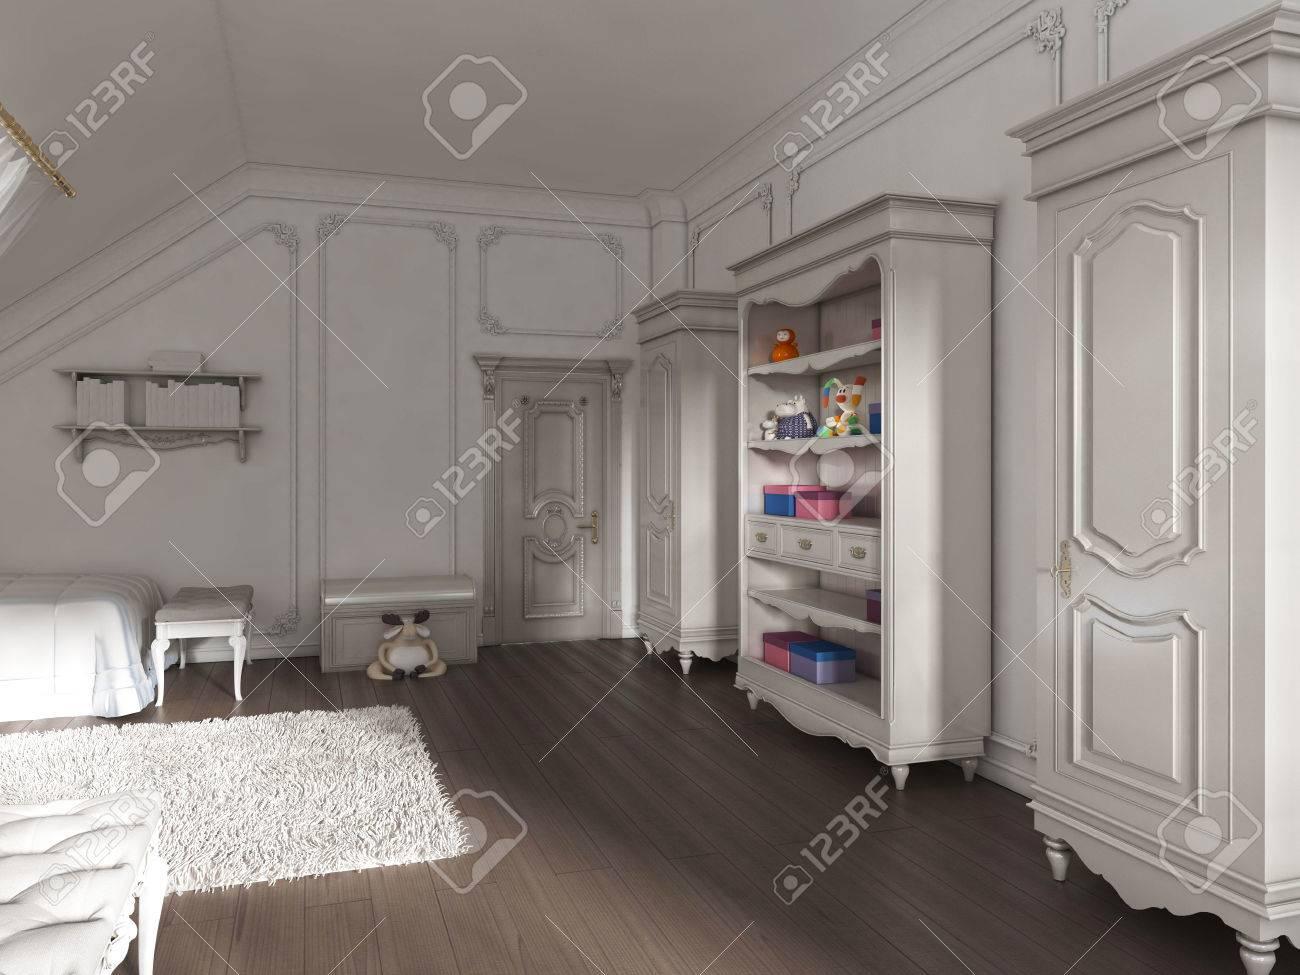 Muebles Para Libros Ninos.Muebles Para Ninos En El Estilo De Provence En La Habitacion De Los